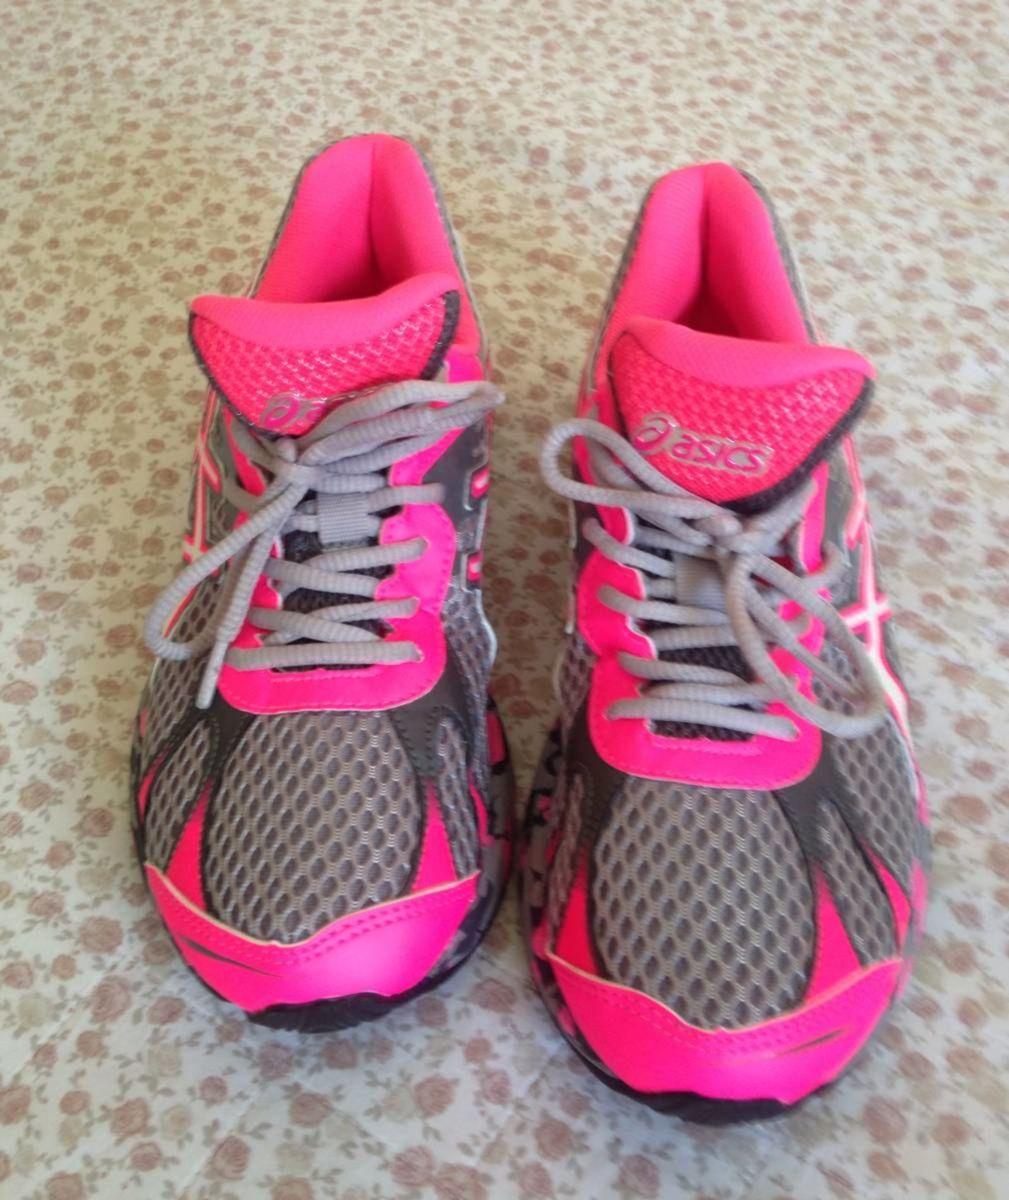 tenis asics feminino accelerato cinza e rosa - tênis asics be5e3a02cb00d